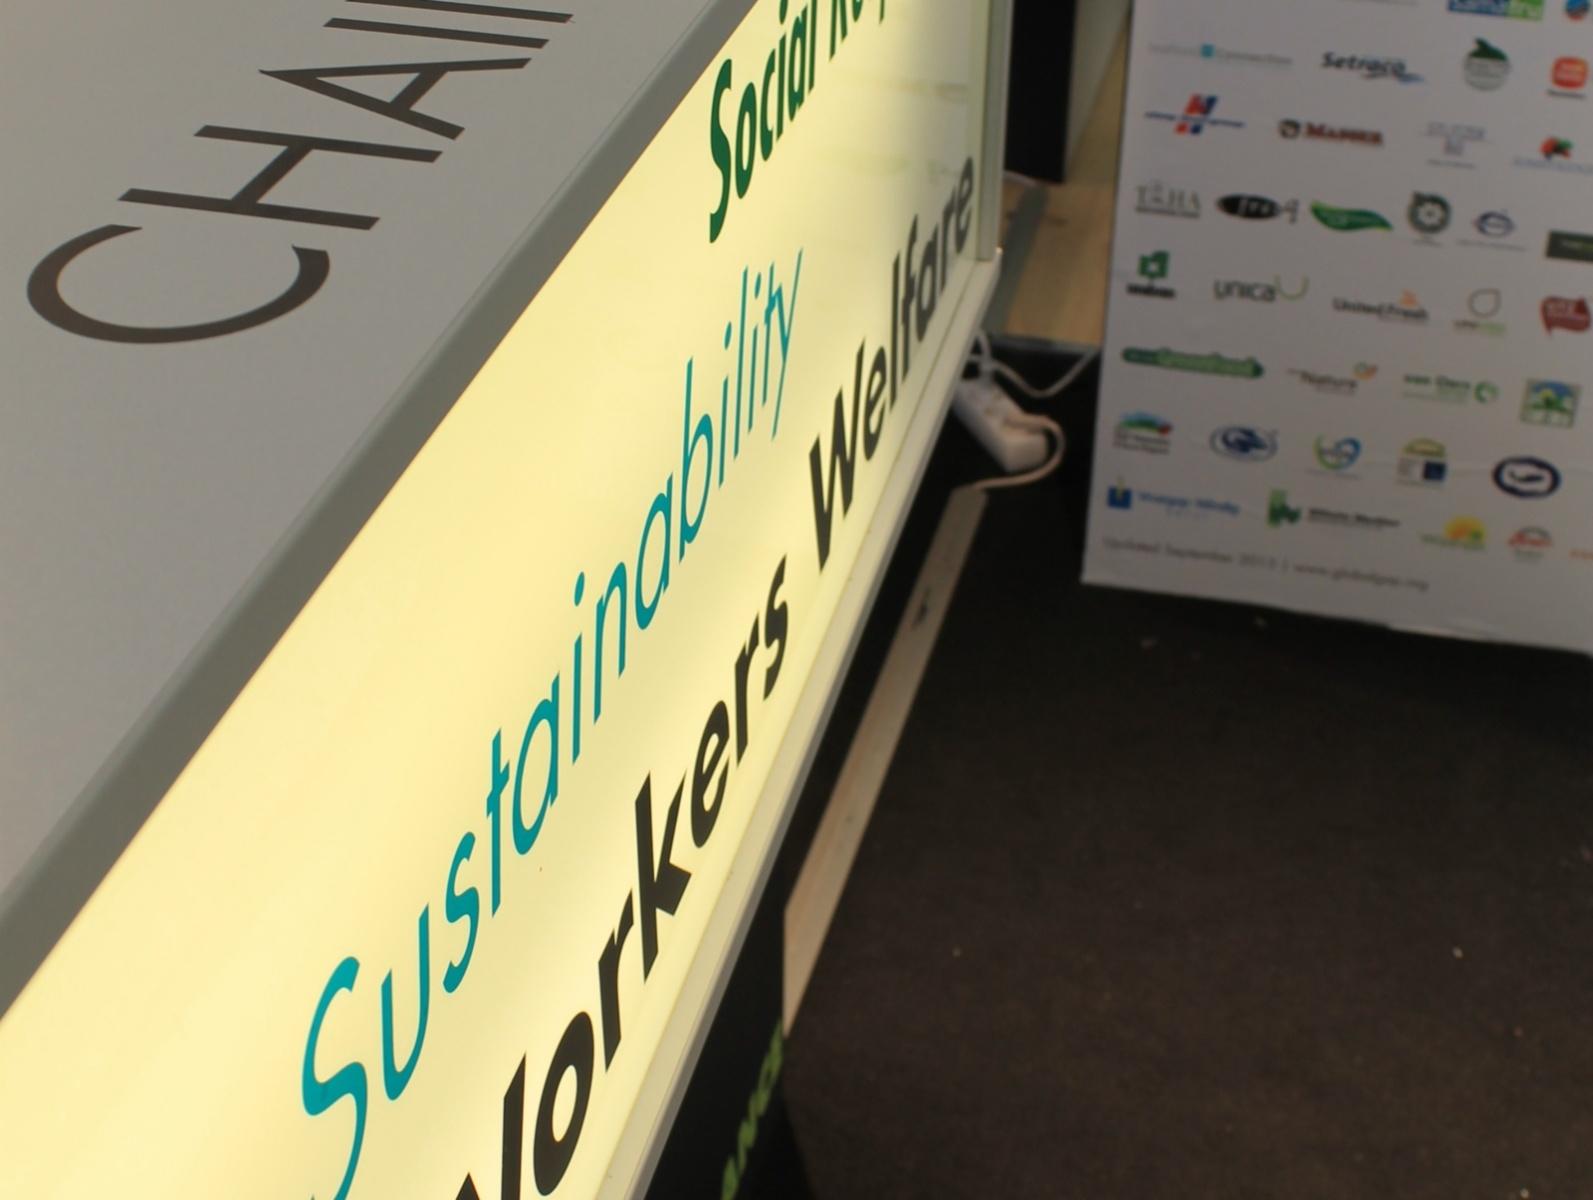 GLOBALG.A.P. At ANUGA 2013